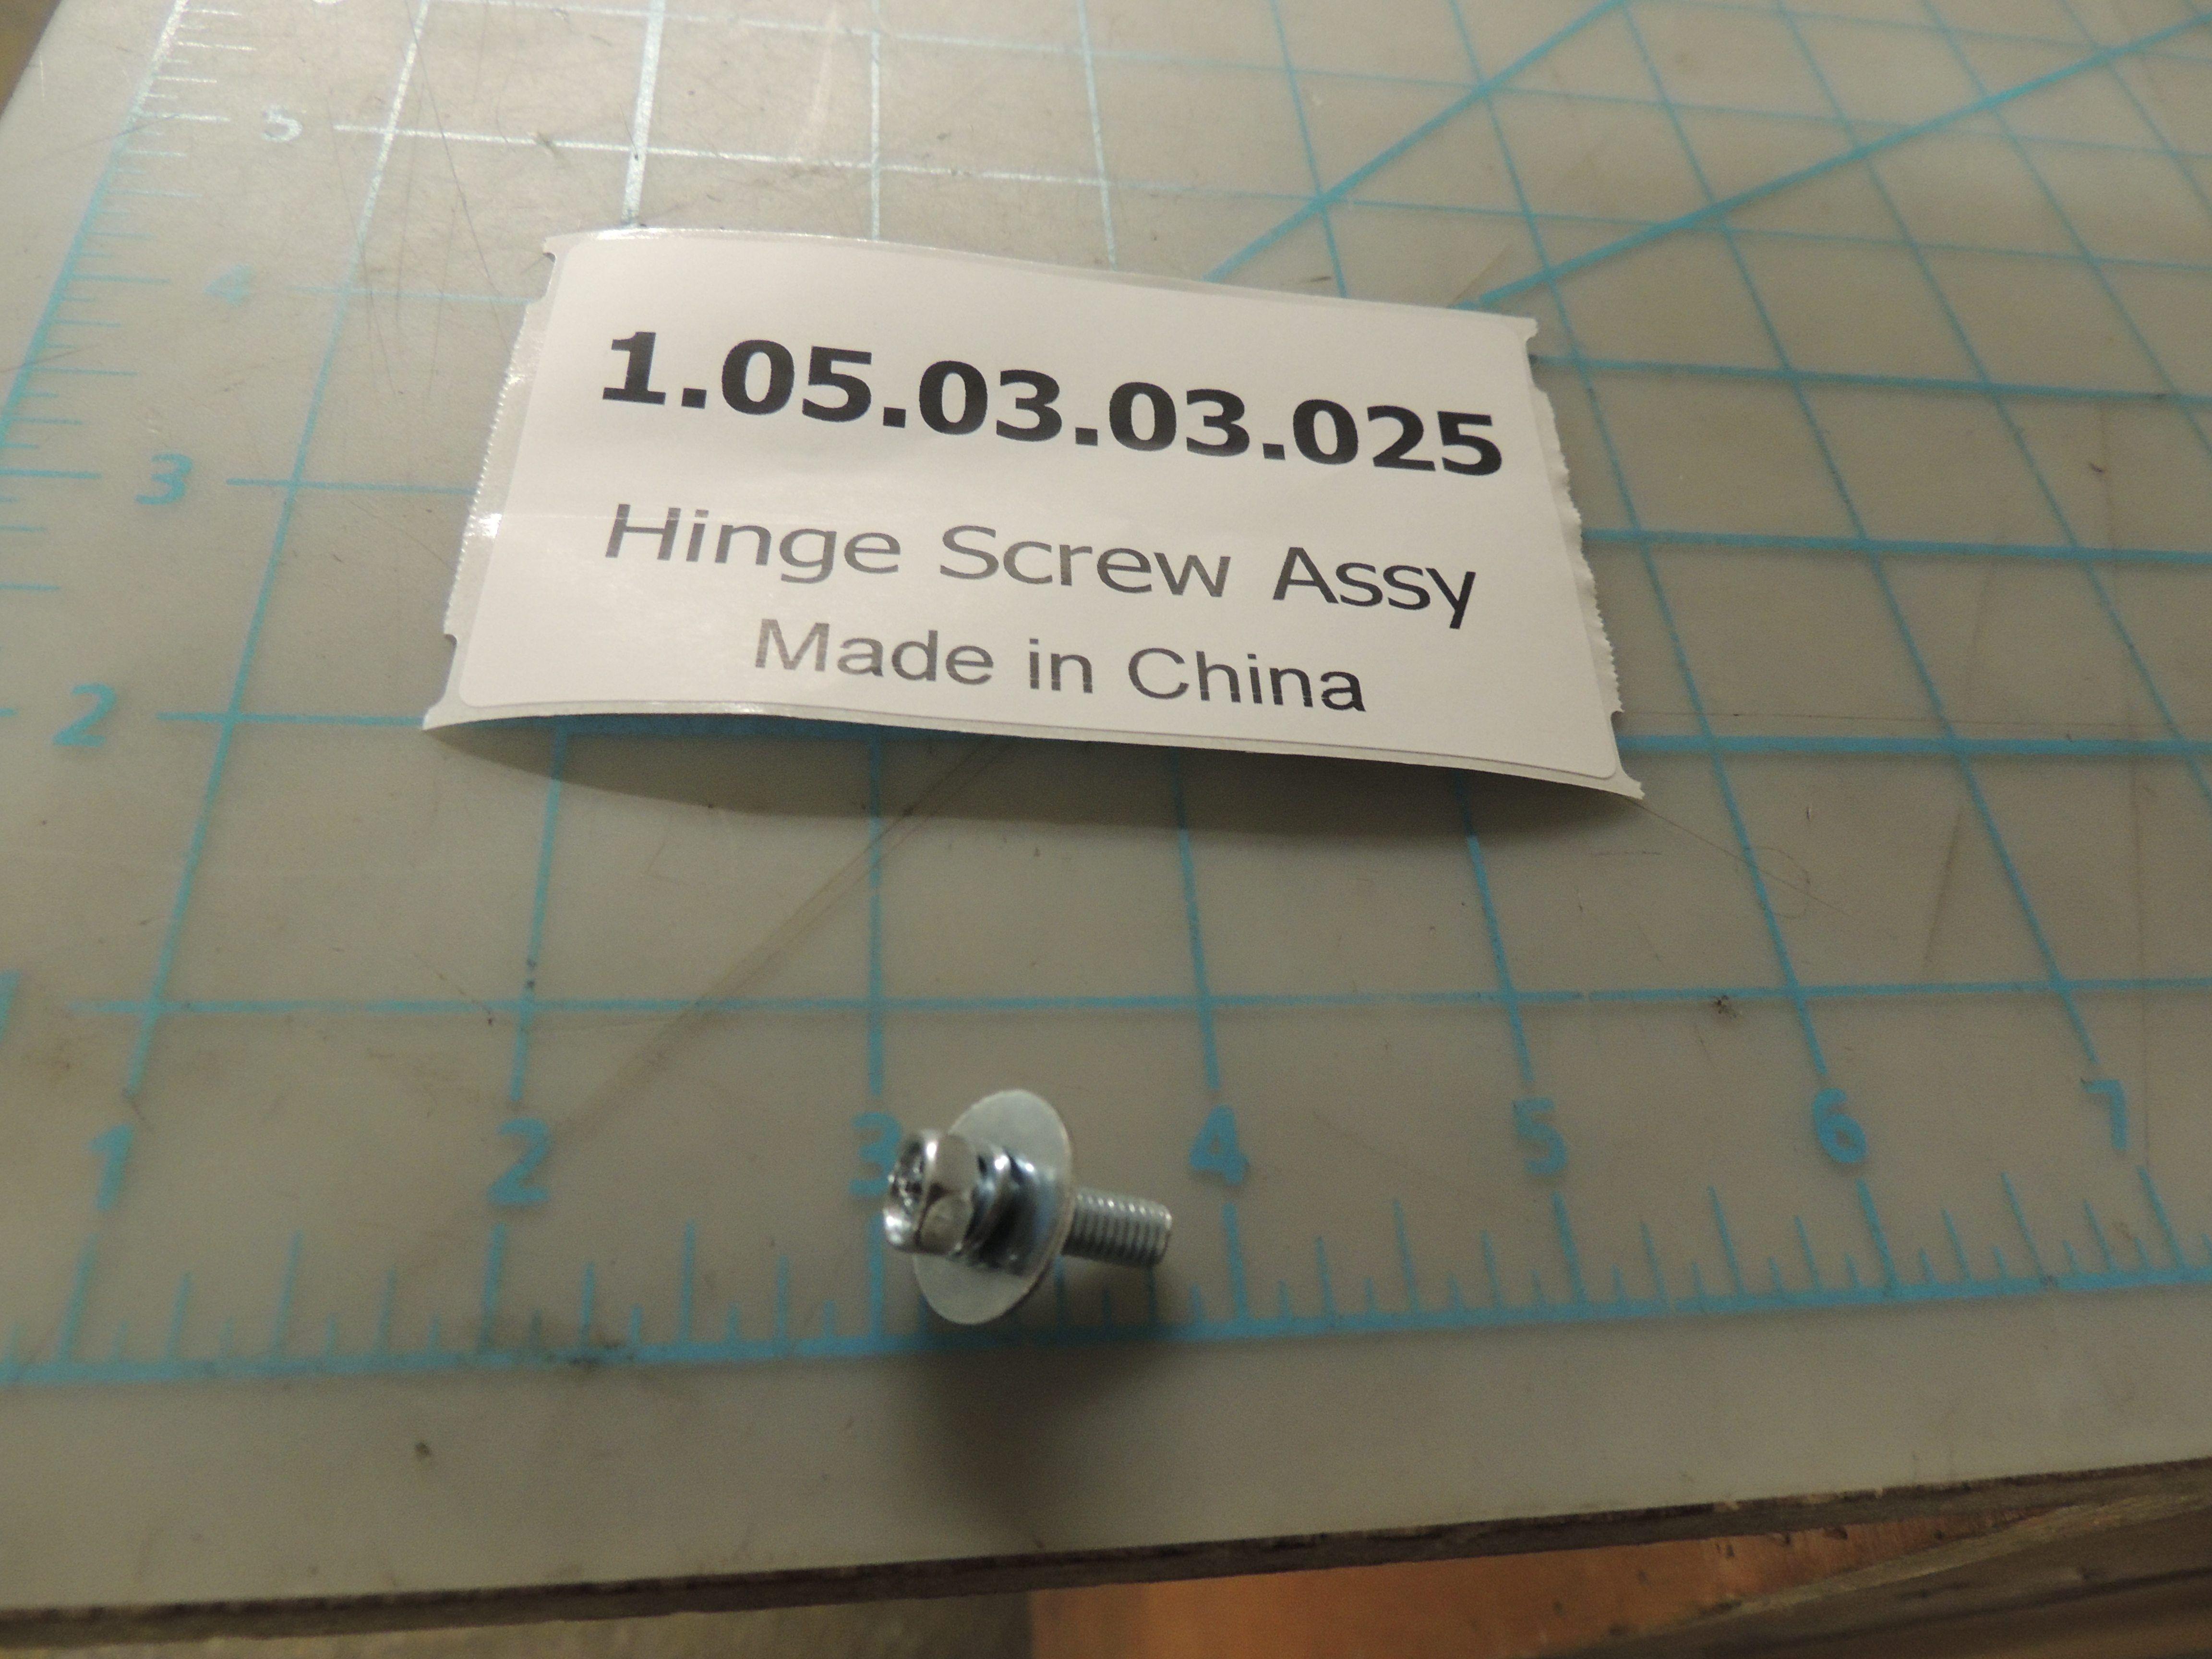 Hinge Screw Assy